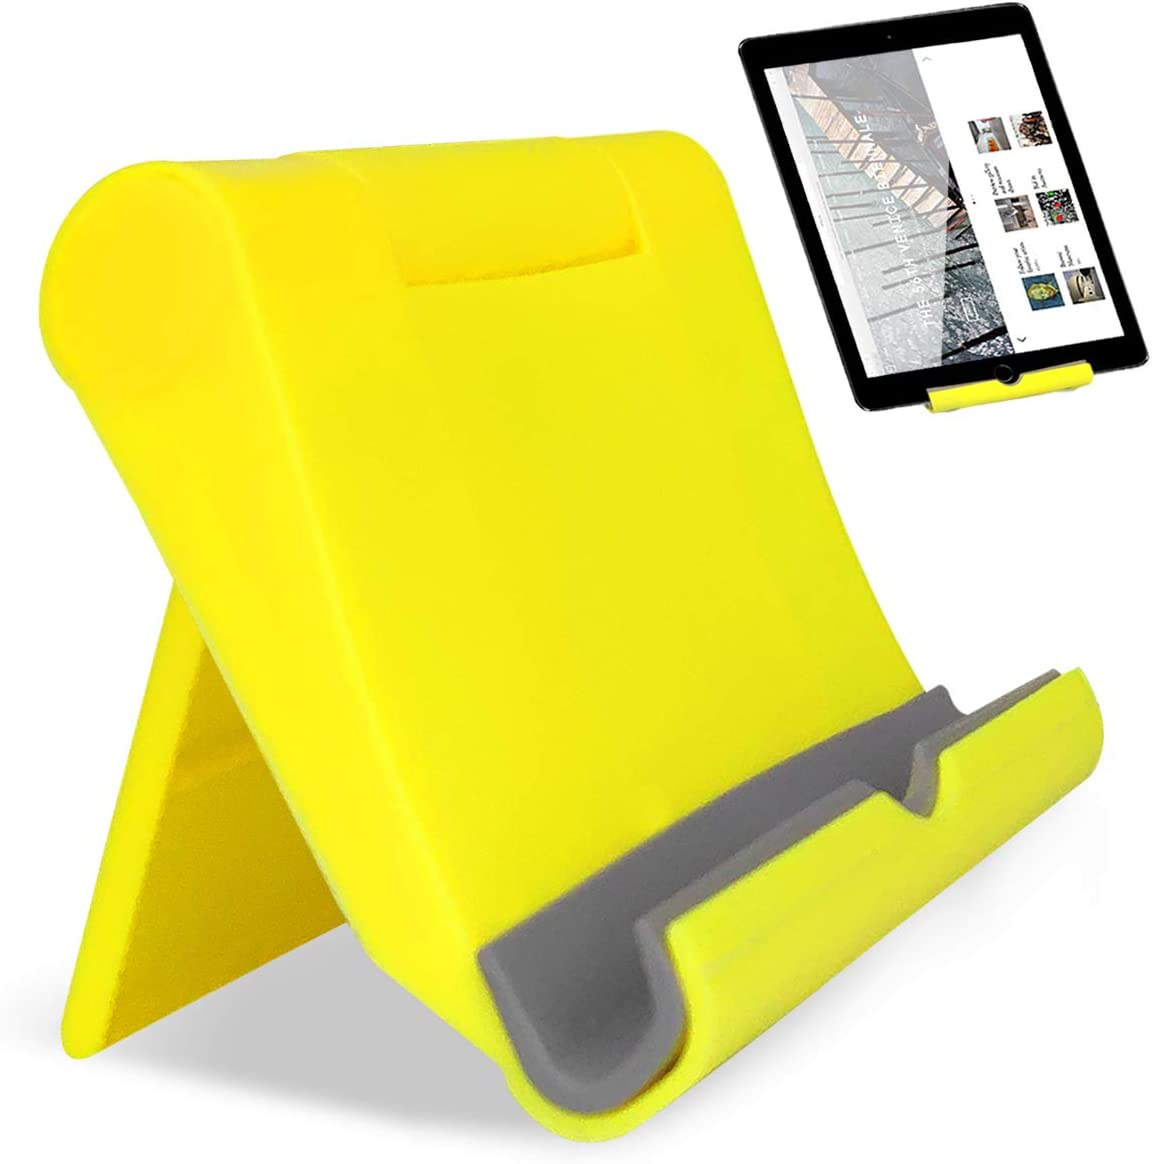 Ponacat Soporte para Tel/éfono M/óvil Soporte Universal para Tel/éfono Flexible de 360 ??/° con Soporte de Mesa Flexible con Base de Clip